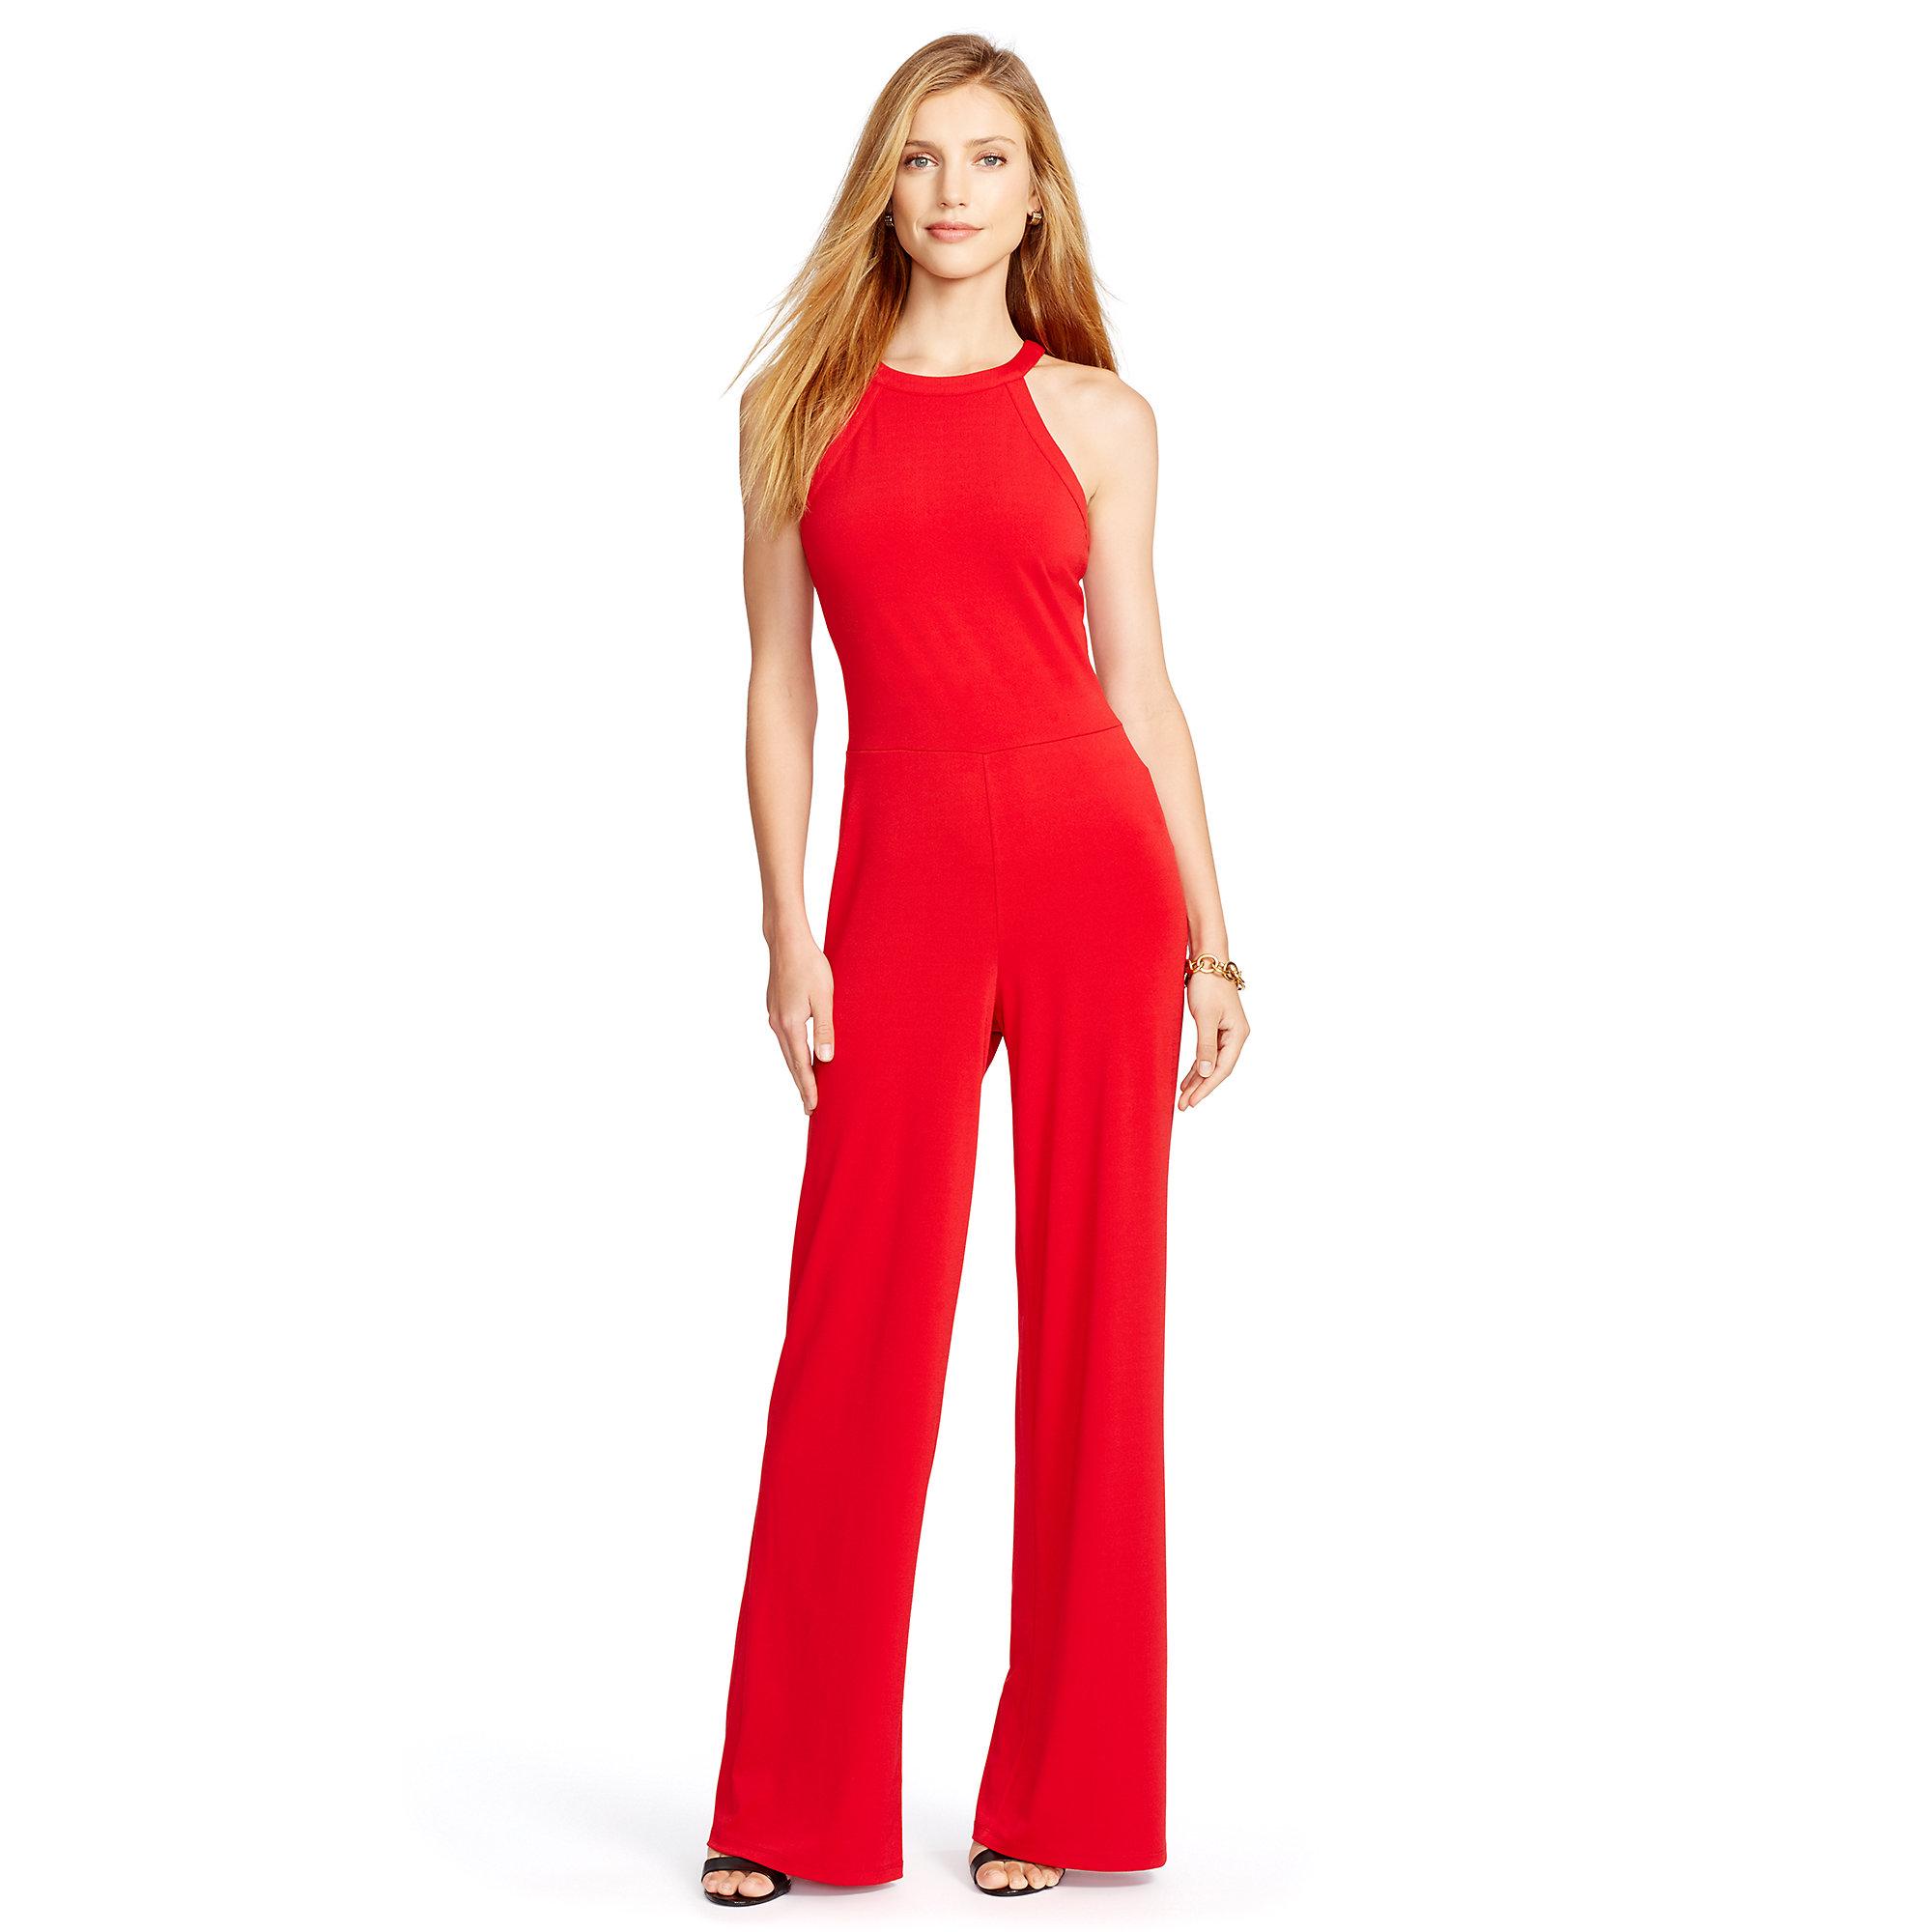 d5392dc5825 Ralph Lauren Sleeveless Wide-leg Jumpsuit in Red - Lyst